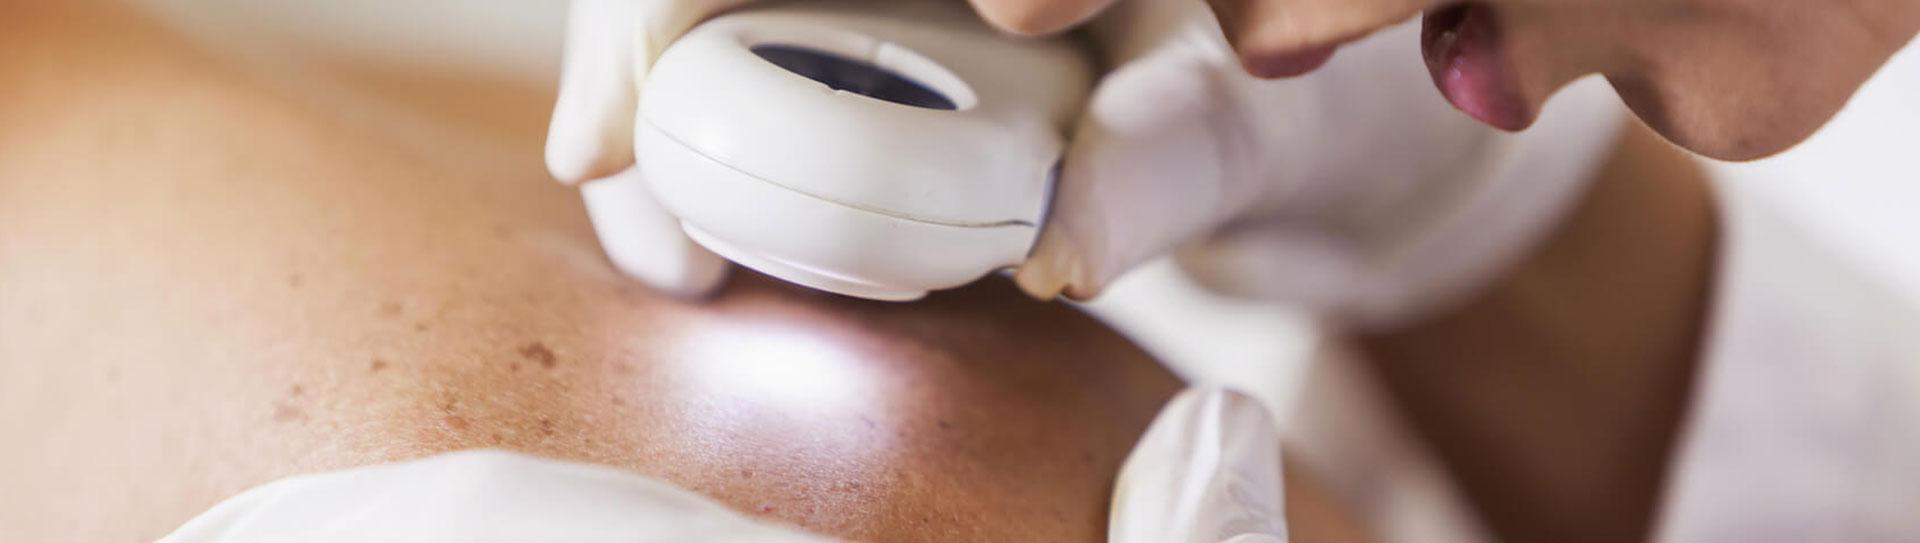 prevenzione del melanoma della pelle